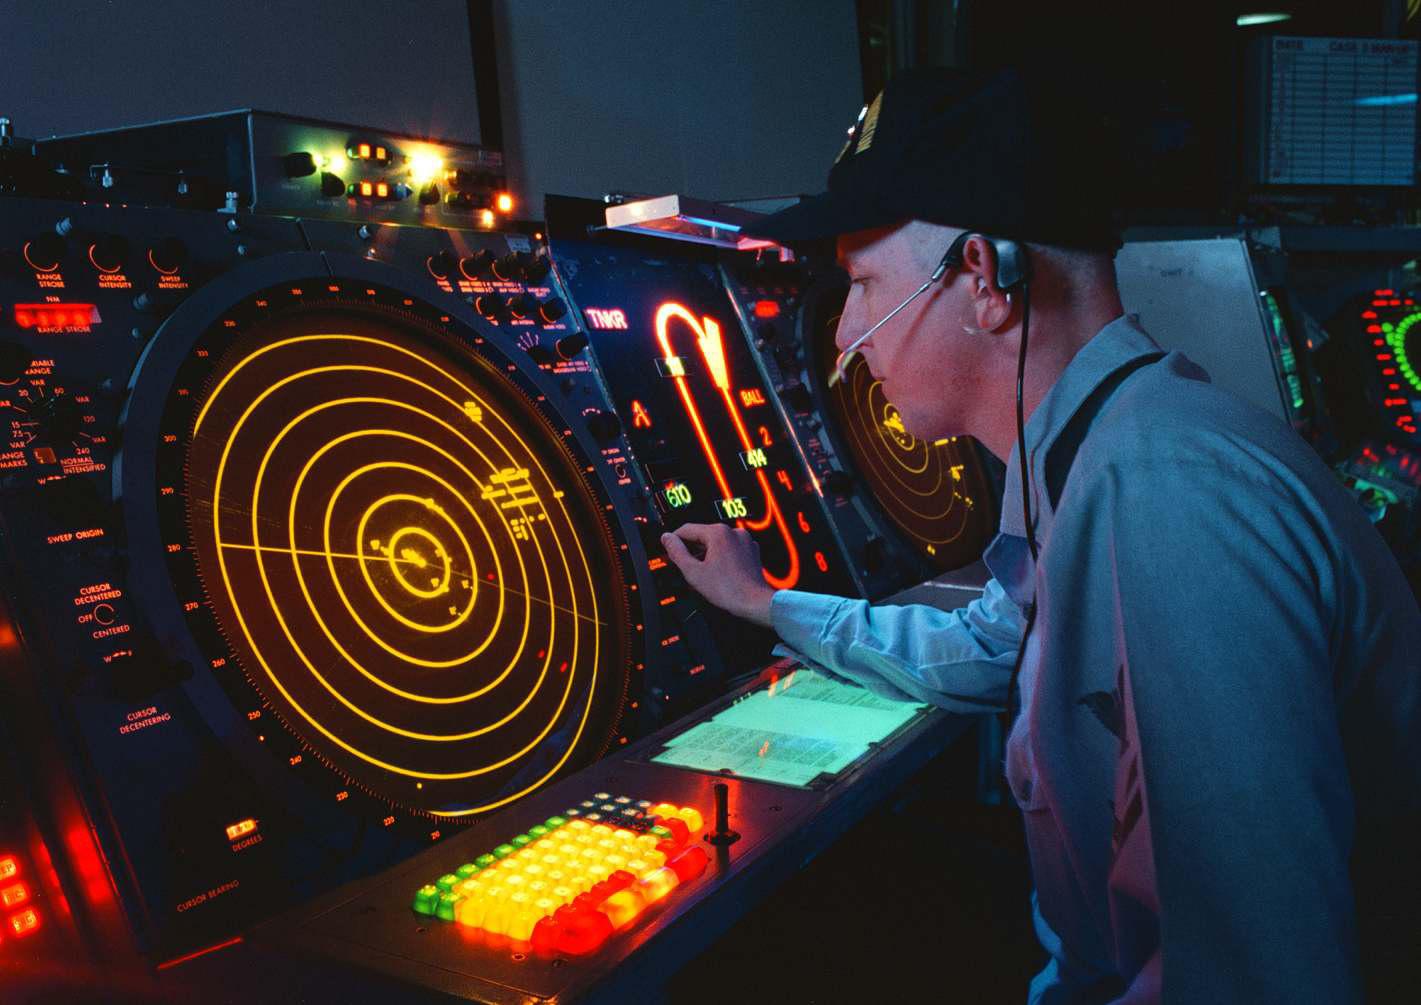 Bildschirm einer Radarüberwachung - Quelle: WikiCommons